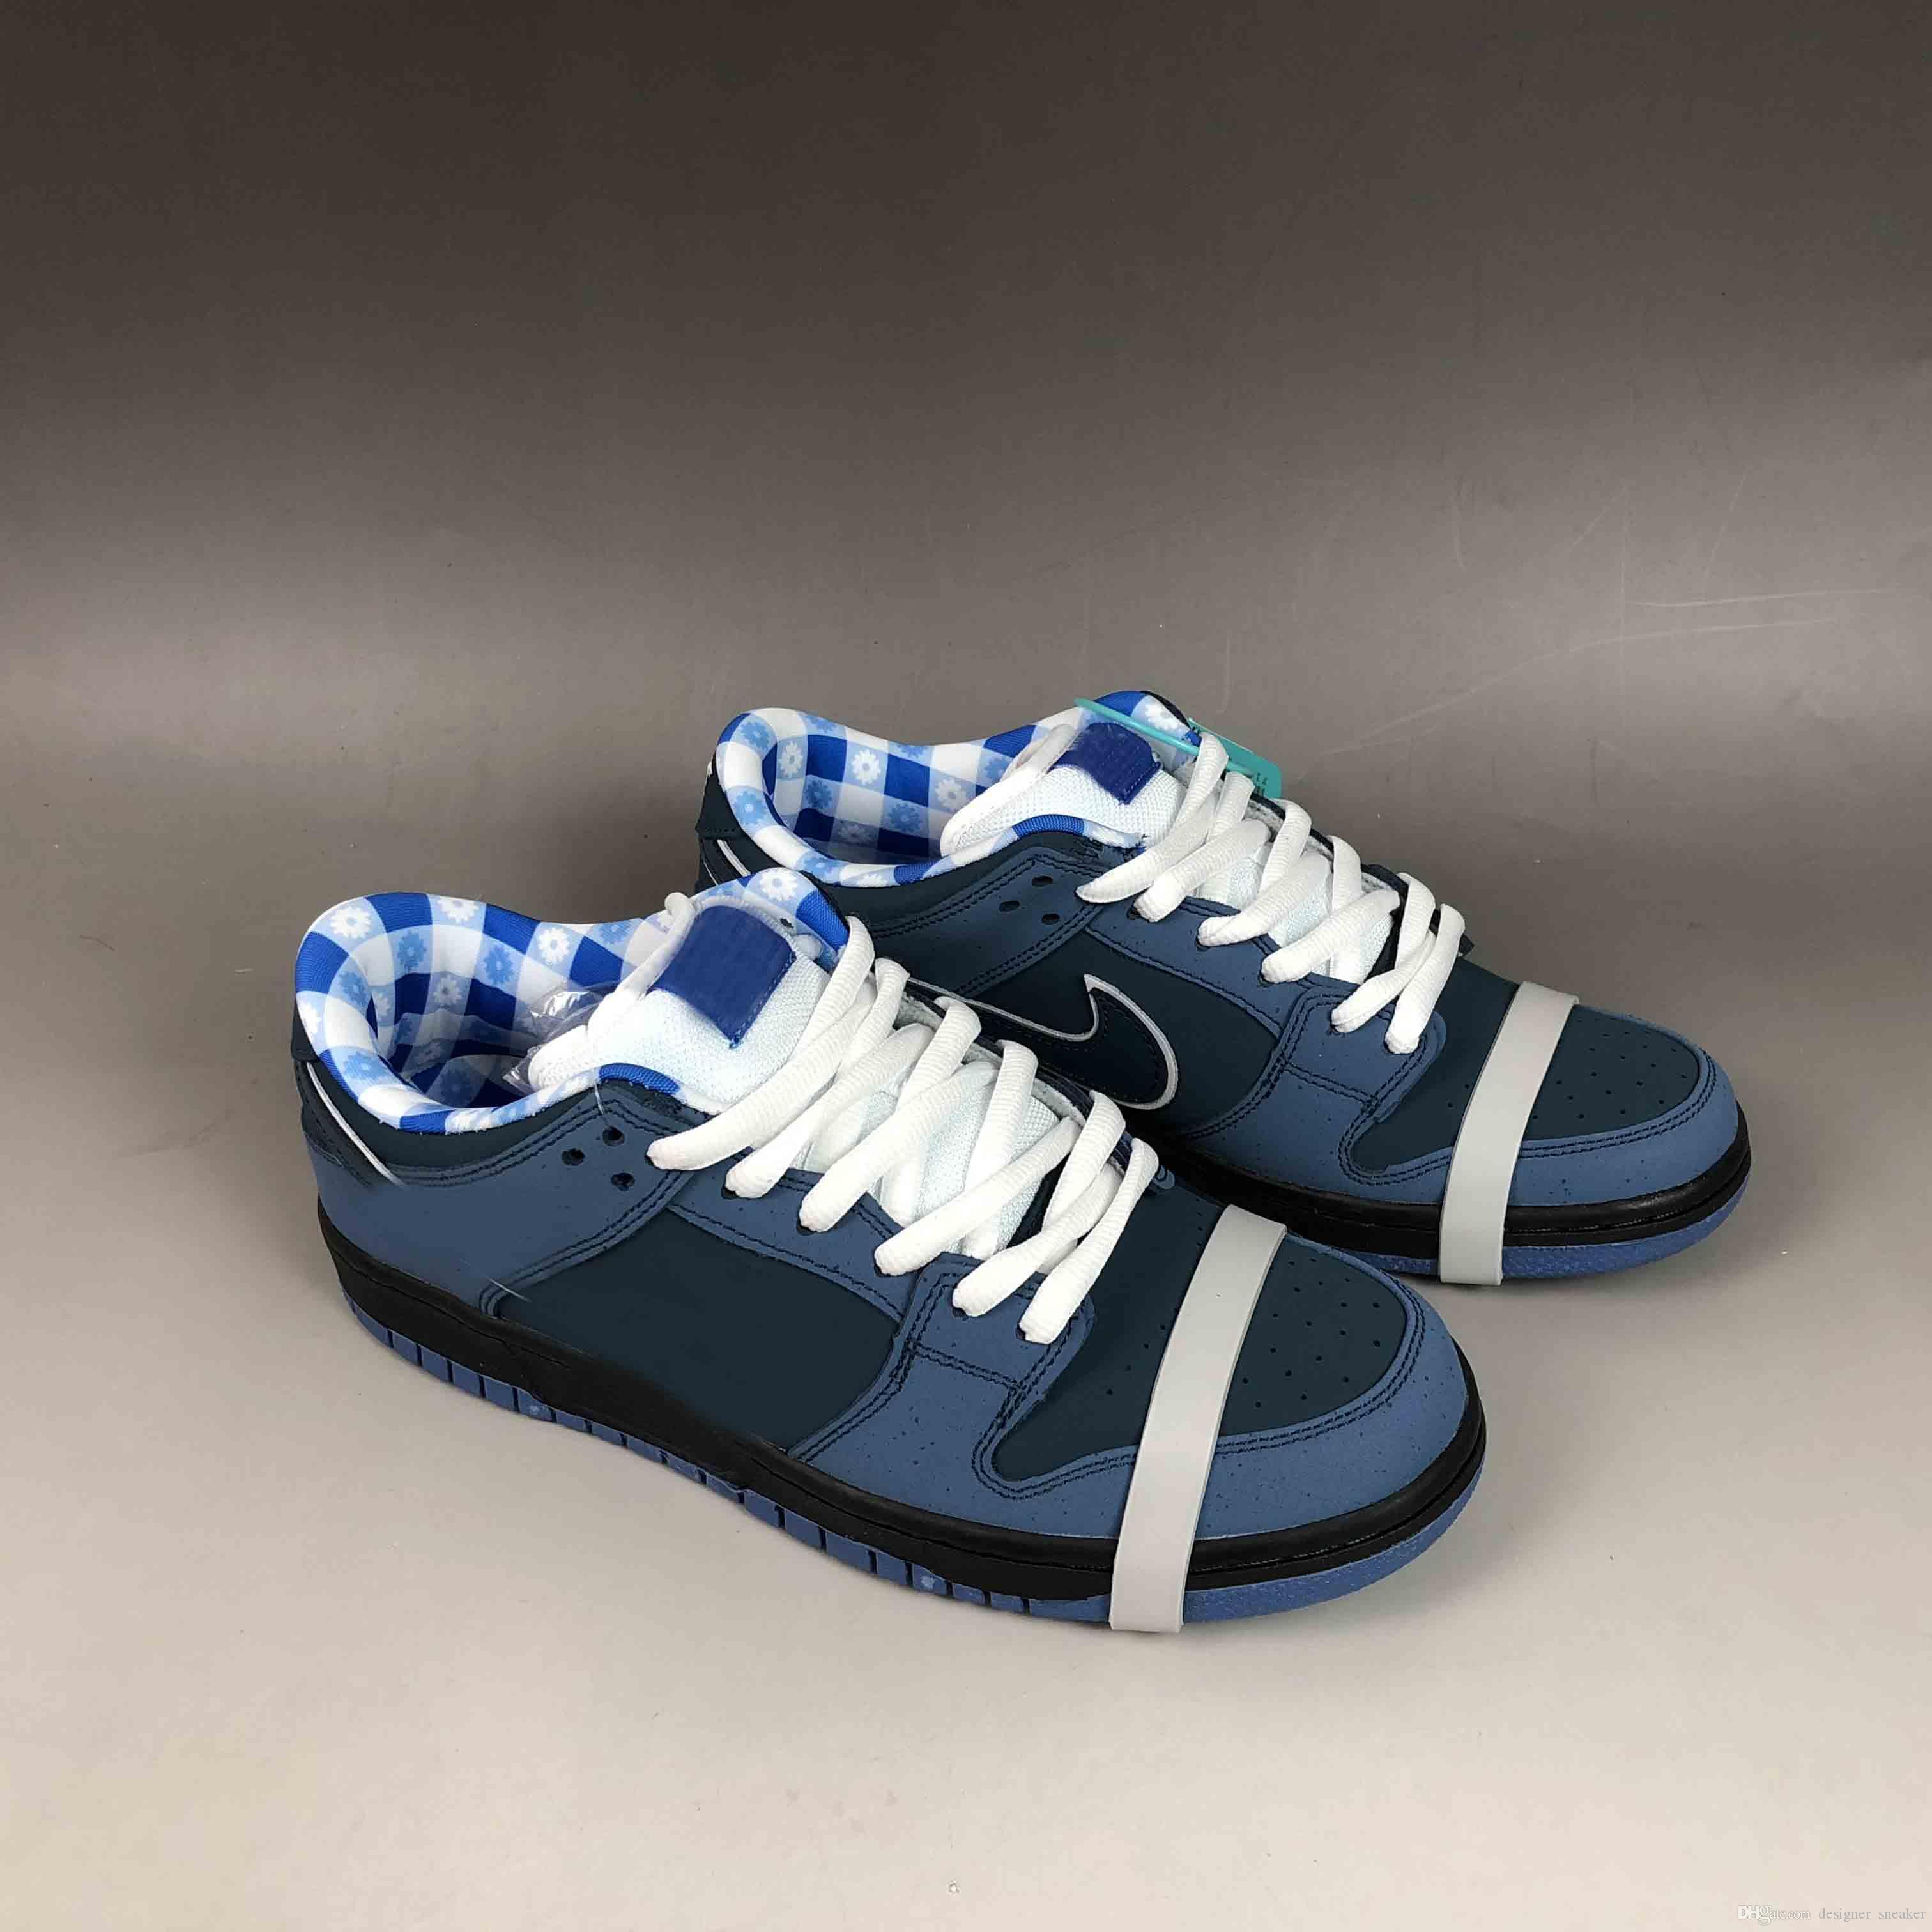 2019 Nike Air SB Authentic Concepts X Dunk SB Blue Lobster Woman Zapatillas  De Baloncesto Para Hombre Zapatillas Deportivas De Ante Azul Con Caja Por  ... e818898c0a12c